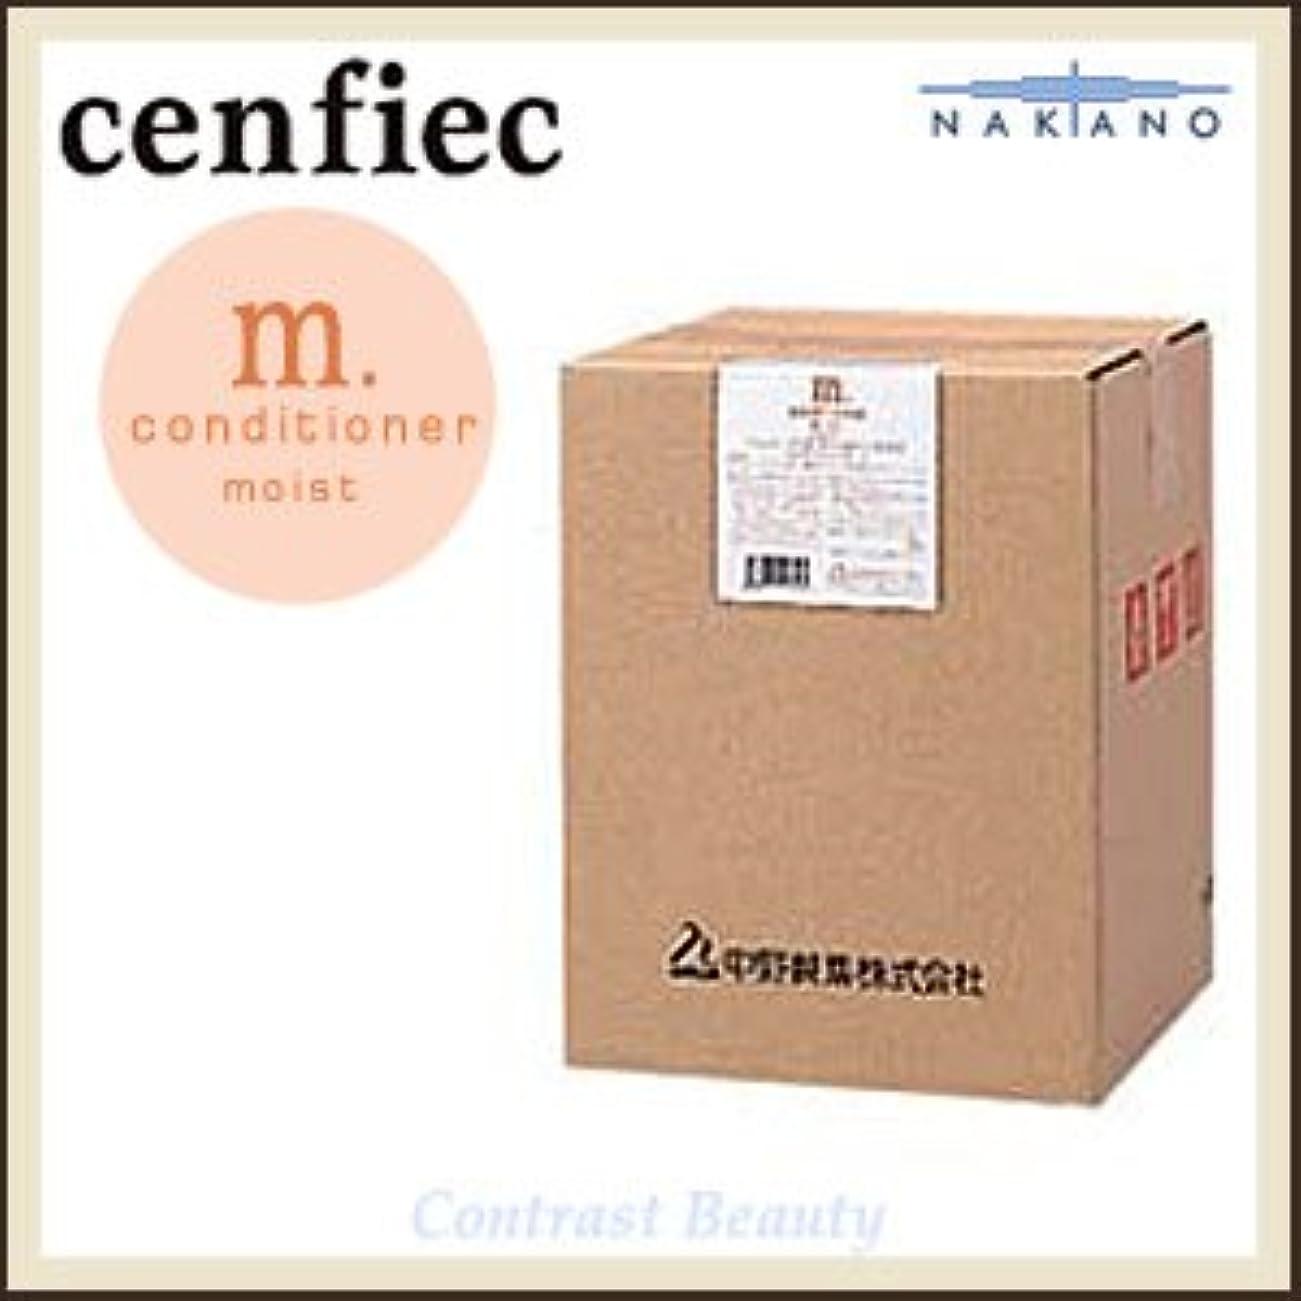 購入連想規定ナカノ センフィーク コンディショナー モイスト 10L